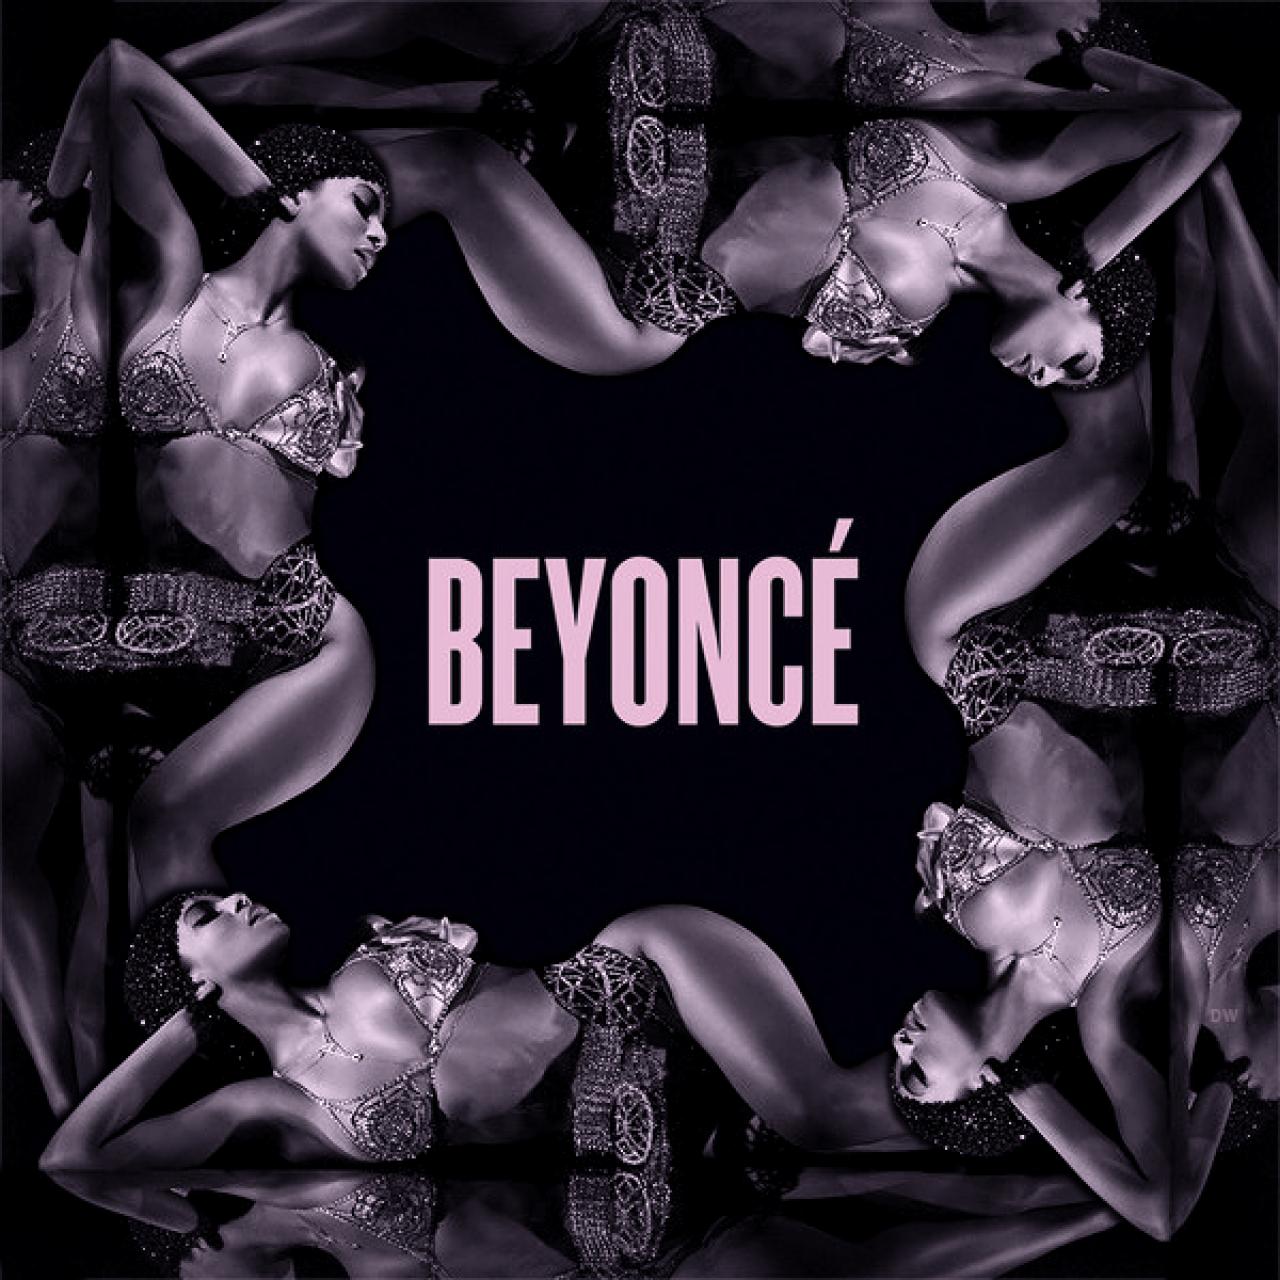 La paradoja de Beyoncé: portada de Vogue, pero no habla ...